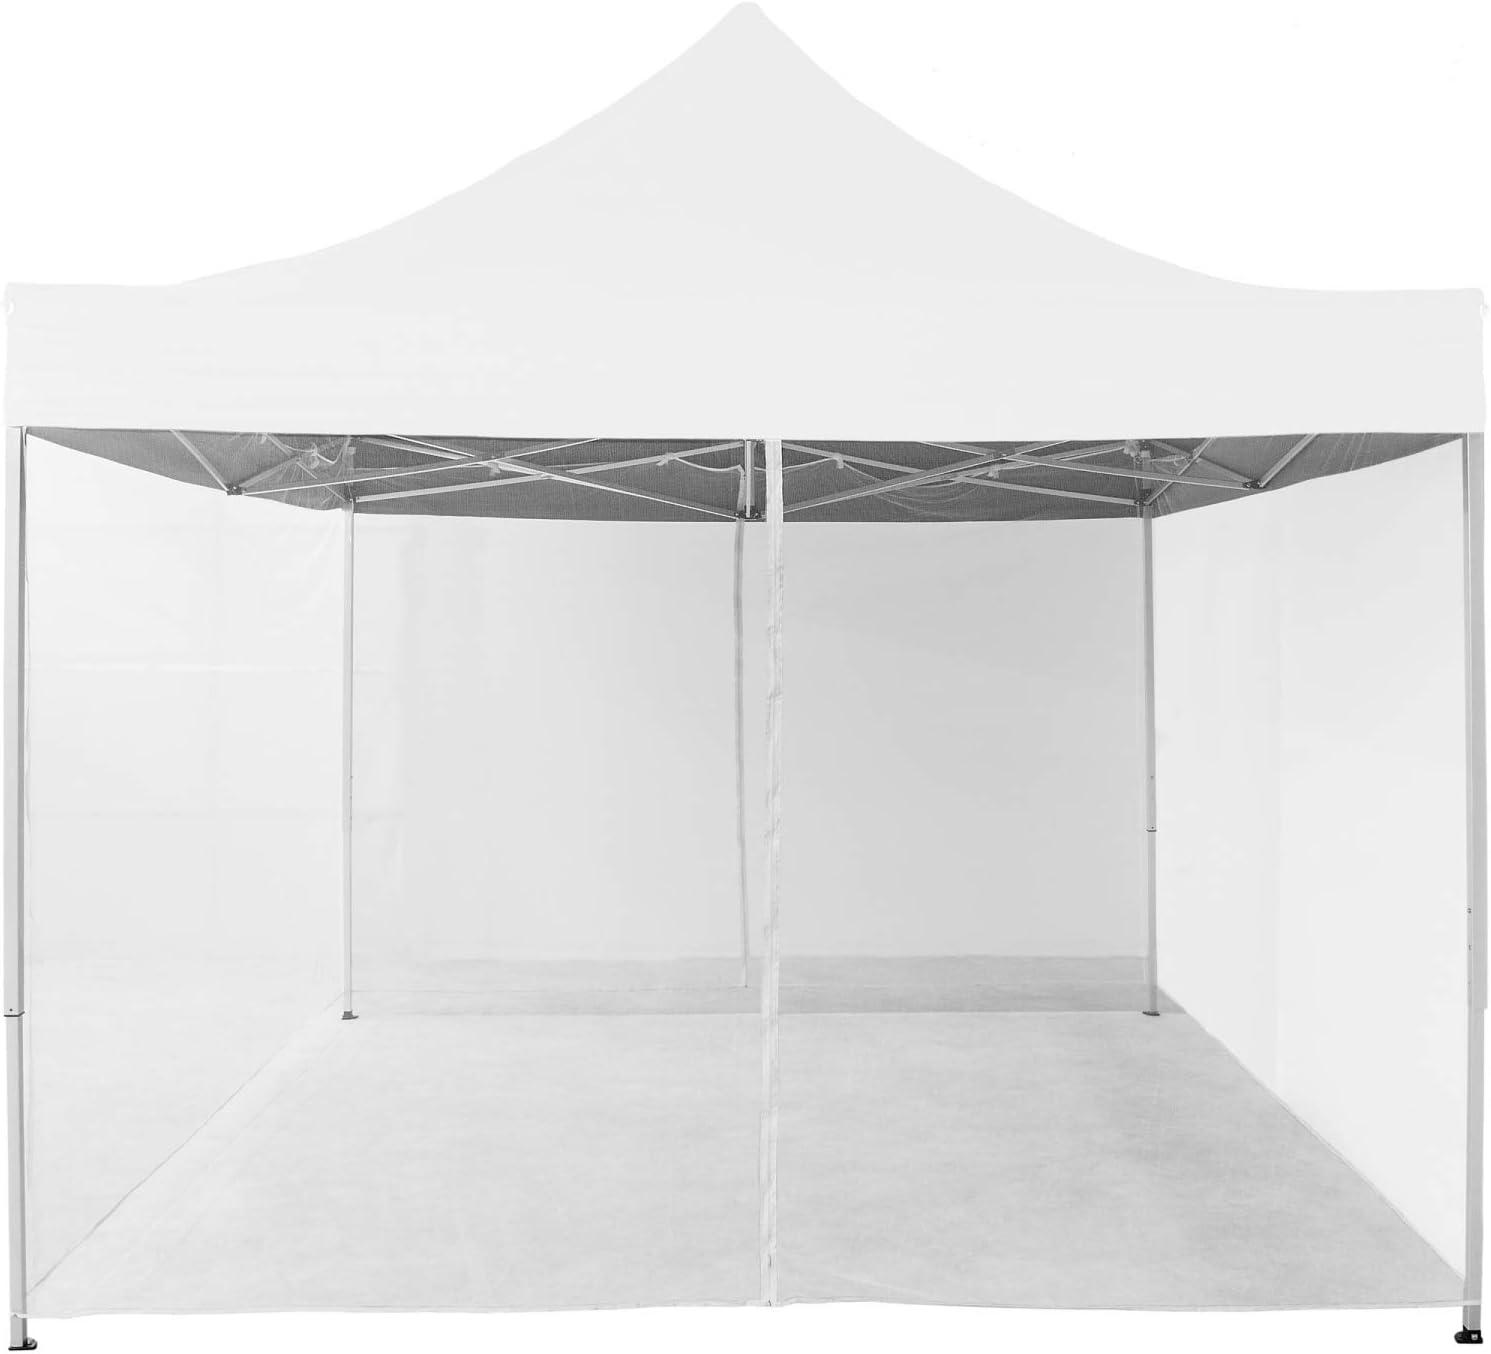 INSTENT® Mosquitera para cenador de 3x3 12 m. Selección de Color: Negro o Blanco, Cremallera 2X, con Tiras de Velcro para la sujeción, mosquitera, ...